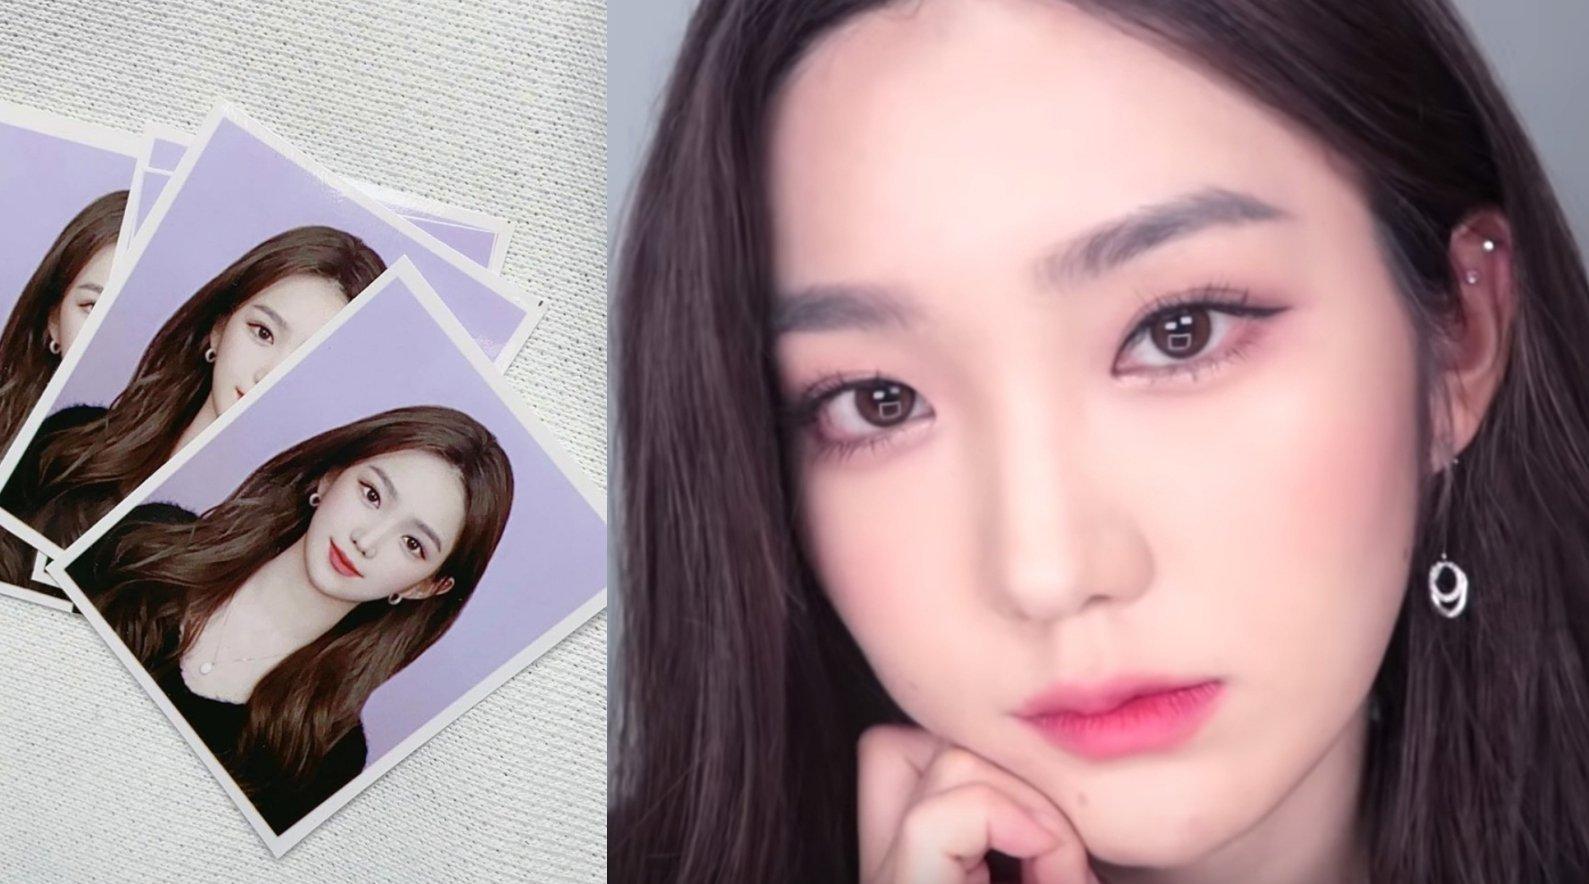 韩系美少女的证件照妆容